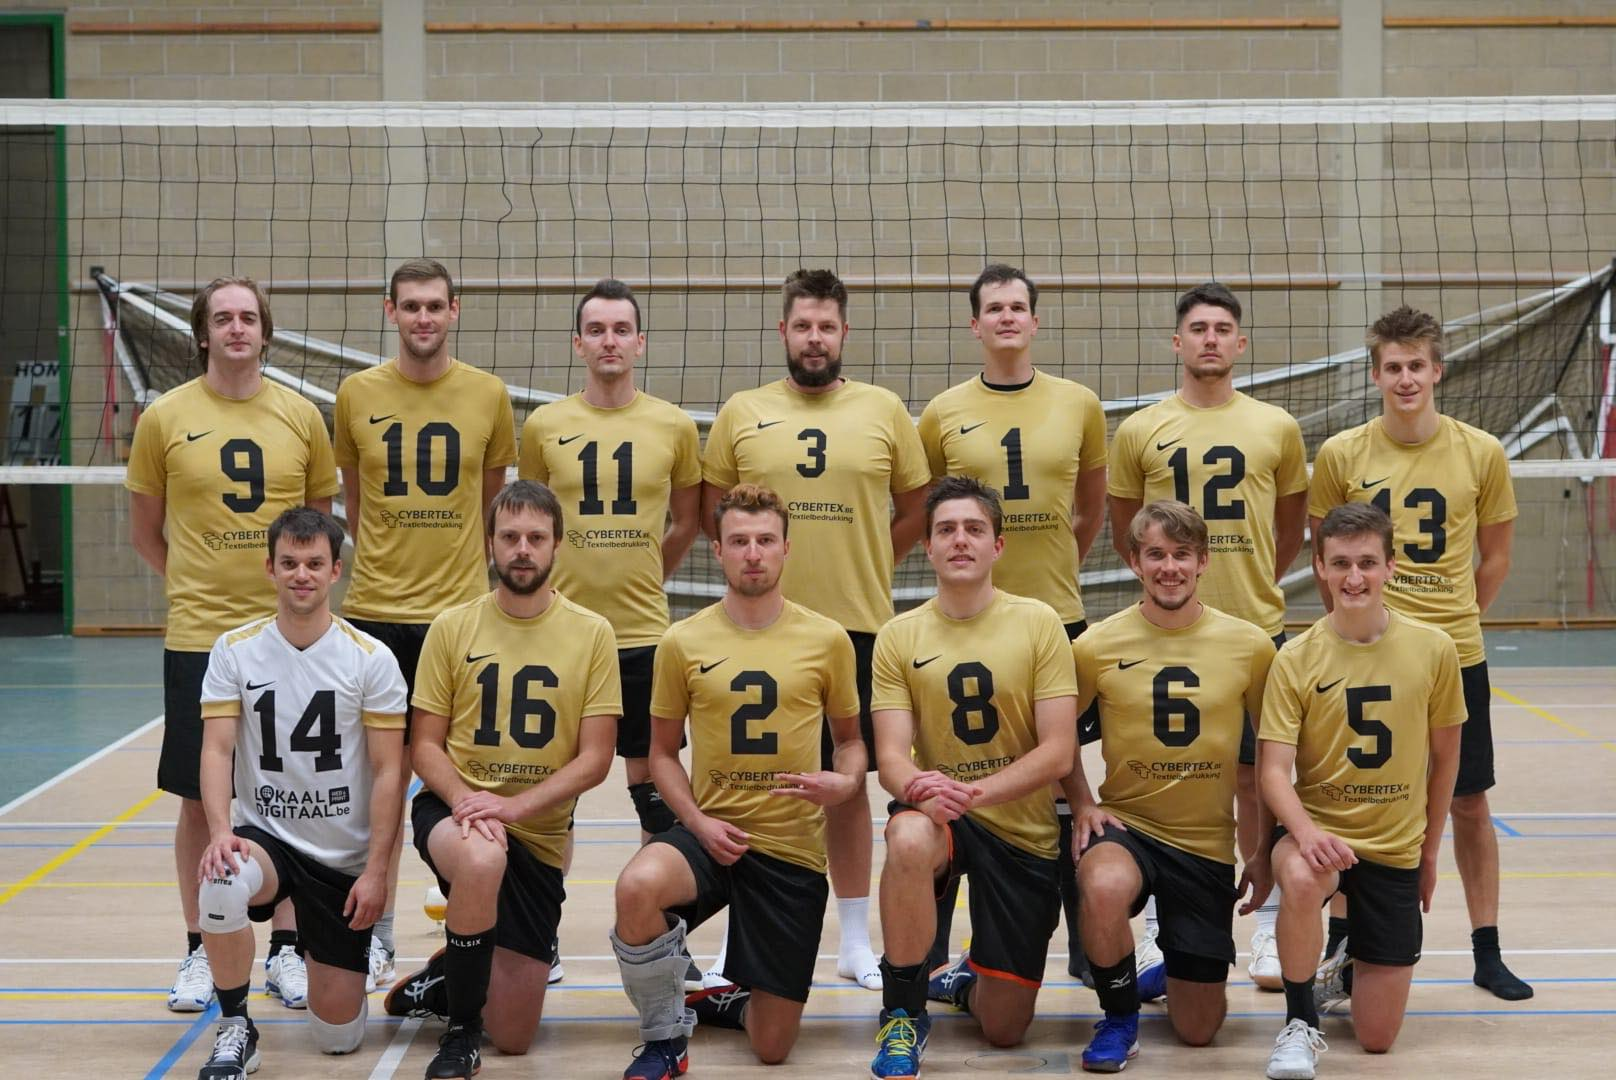 De Golden Boys uit Wijgmaal missen hun start niet